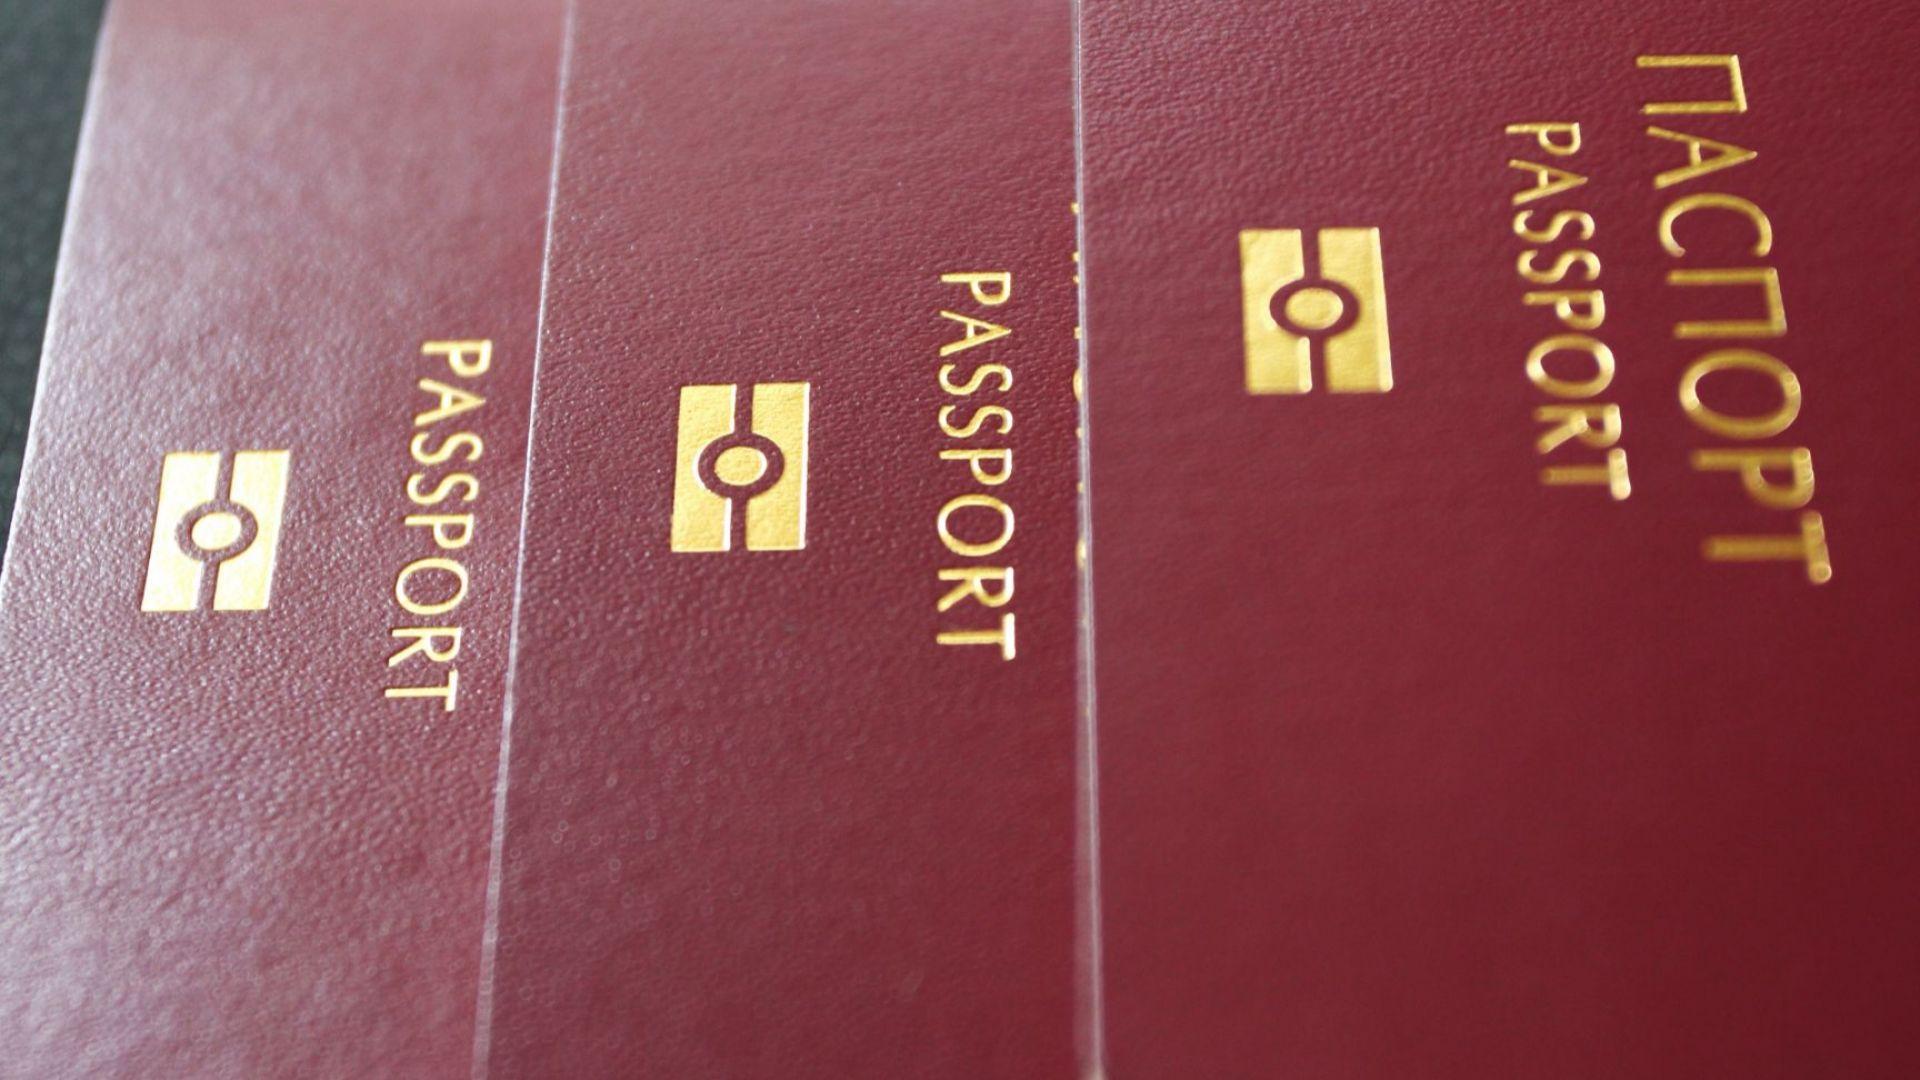 Вътрешен човек разкрива подробности около схемата с БГ паспортите